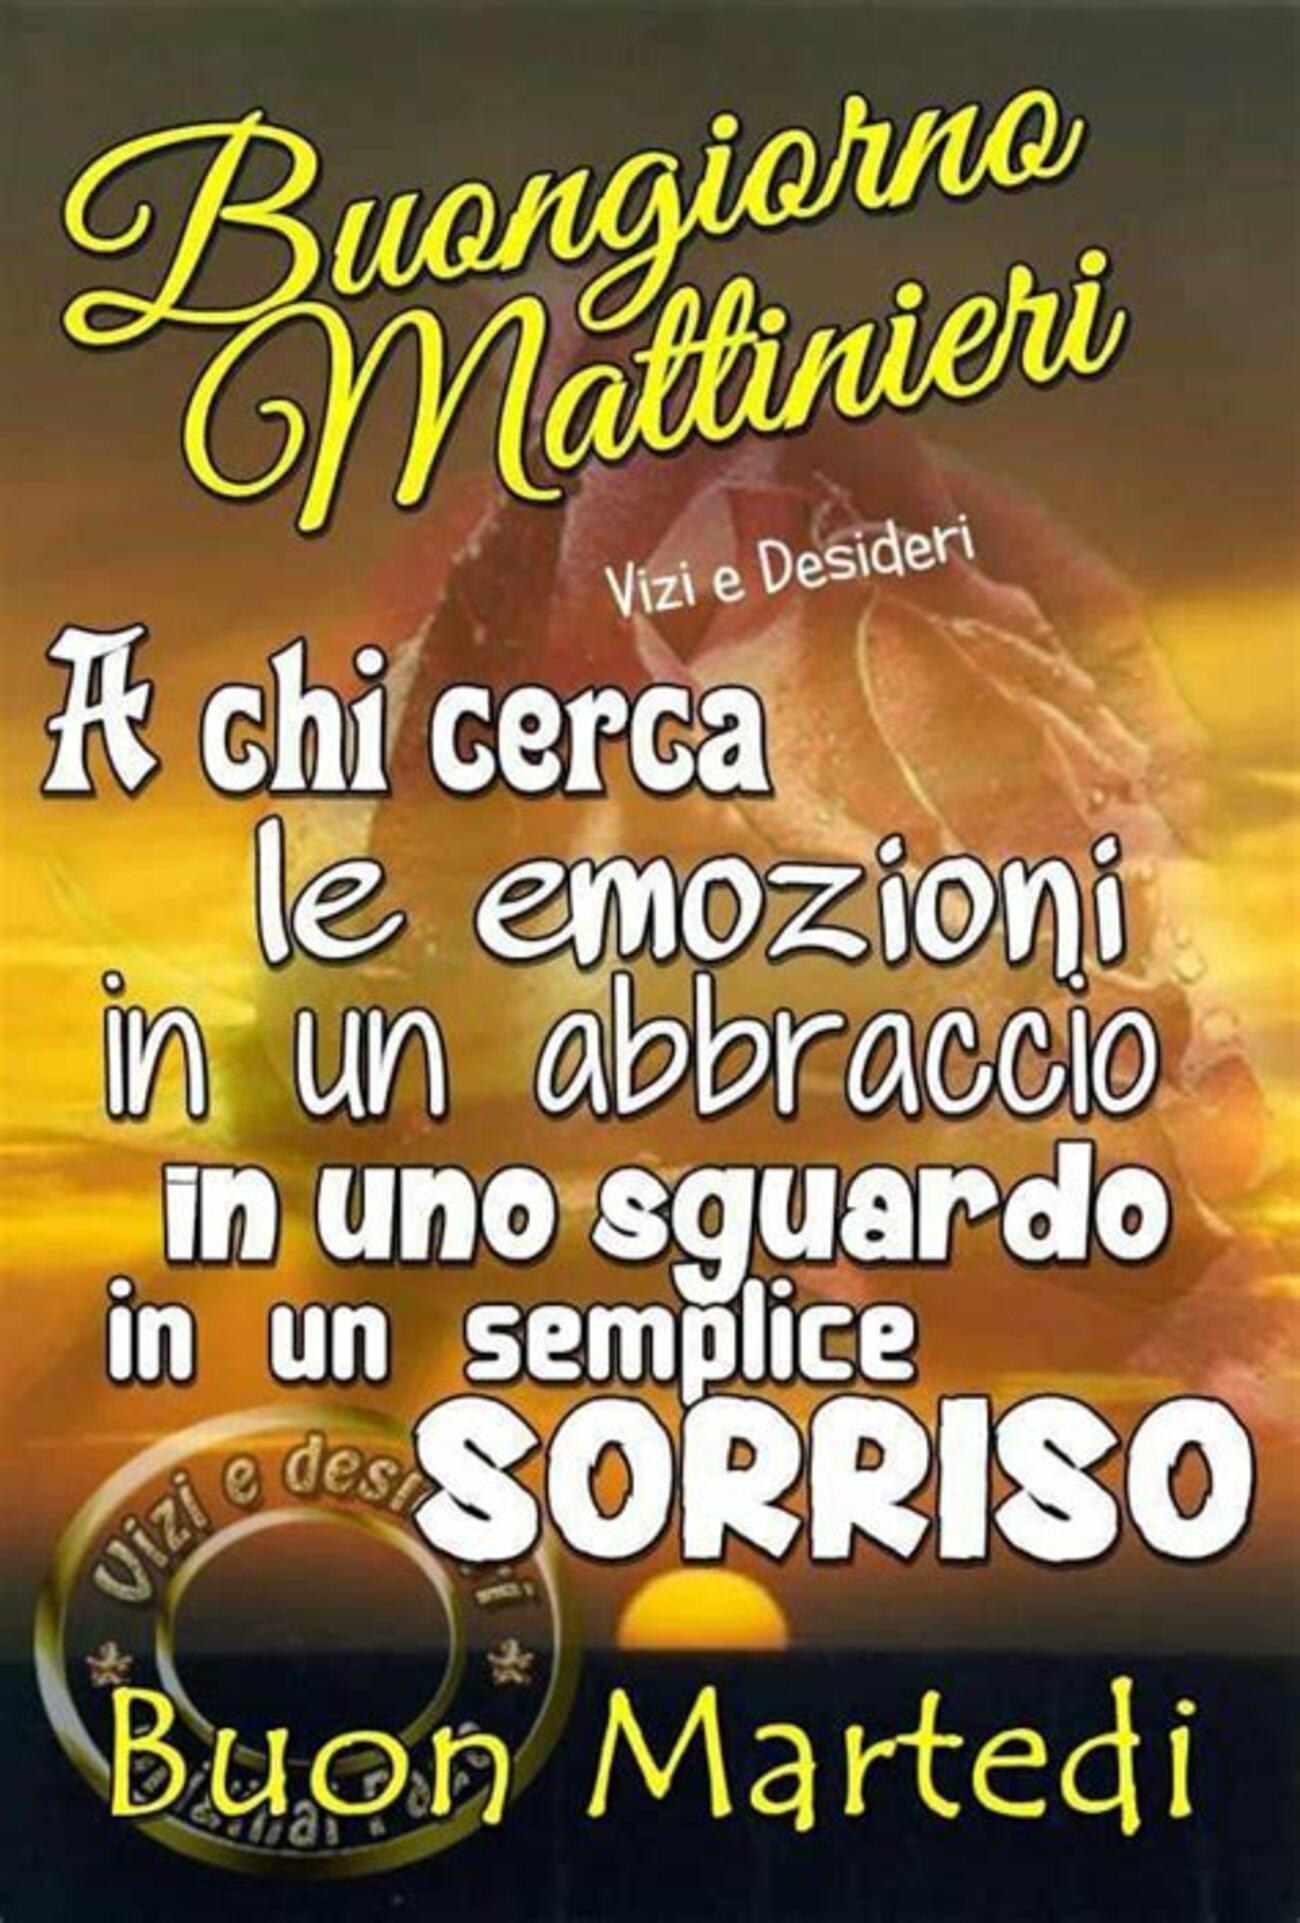 Buongiorno Mattinieri a chi cerca le emozioni in un abbraccio in uno sguardo in un semplice sorriso! Buon Martedì